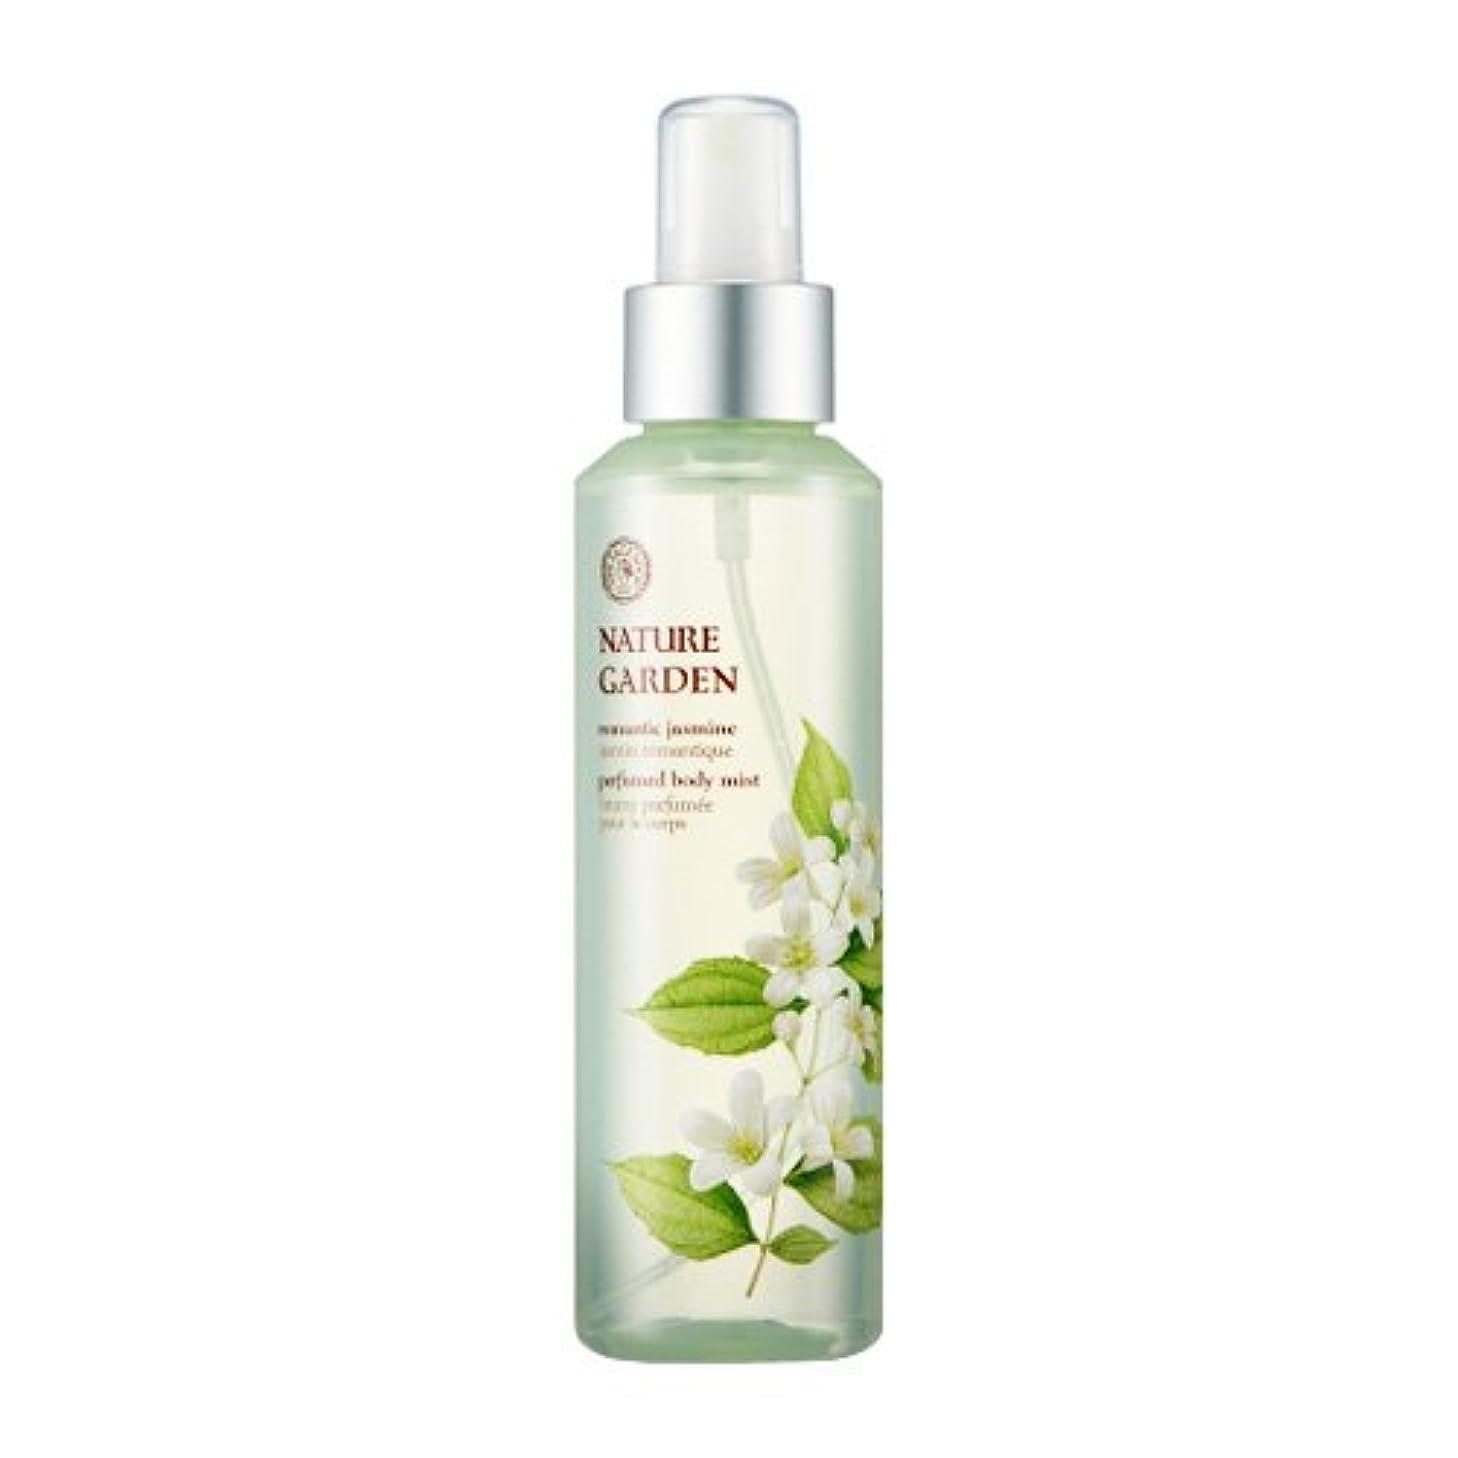 商人こどもの宮殿シルエットTHE FACE SHOP NATURE GARDEN (Romantic Jasmine) Perfume Body Mist / ザ?フェイスショップ ネイチャーガーデン パフューム ボディミスト [並行輸入品]